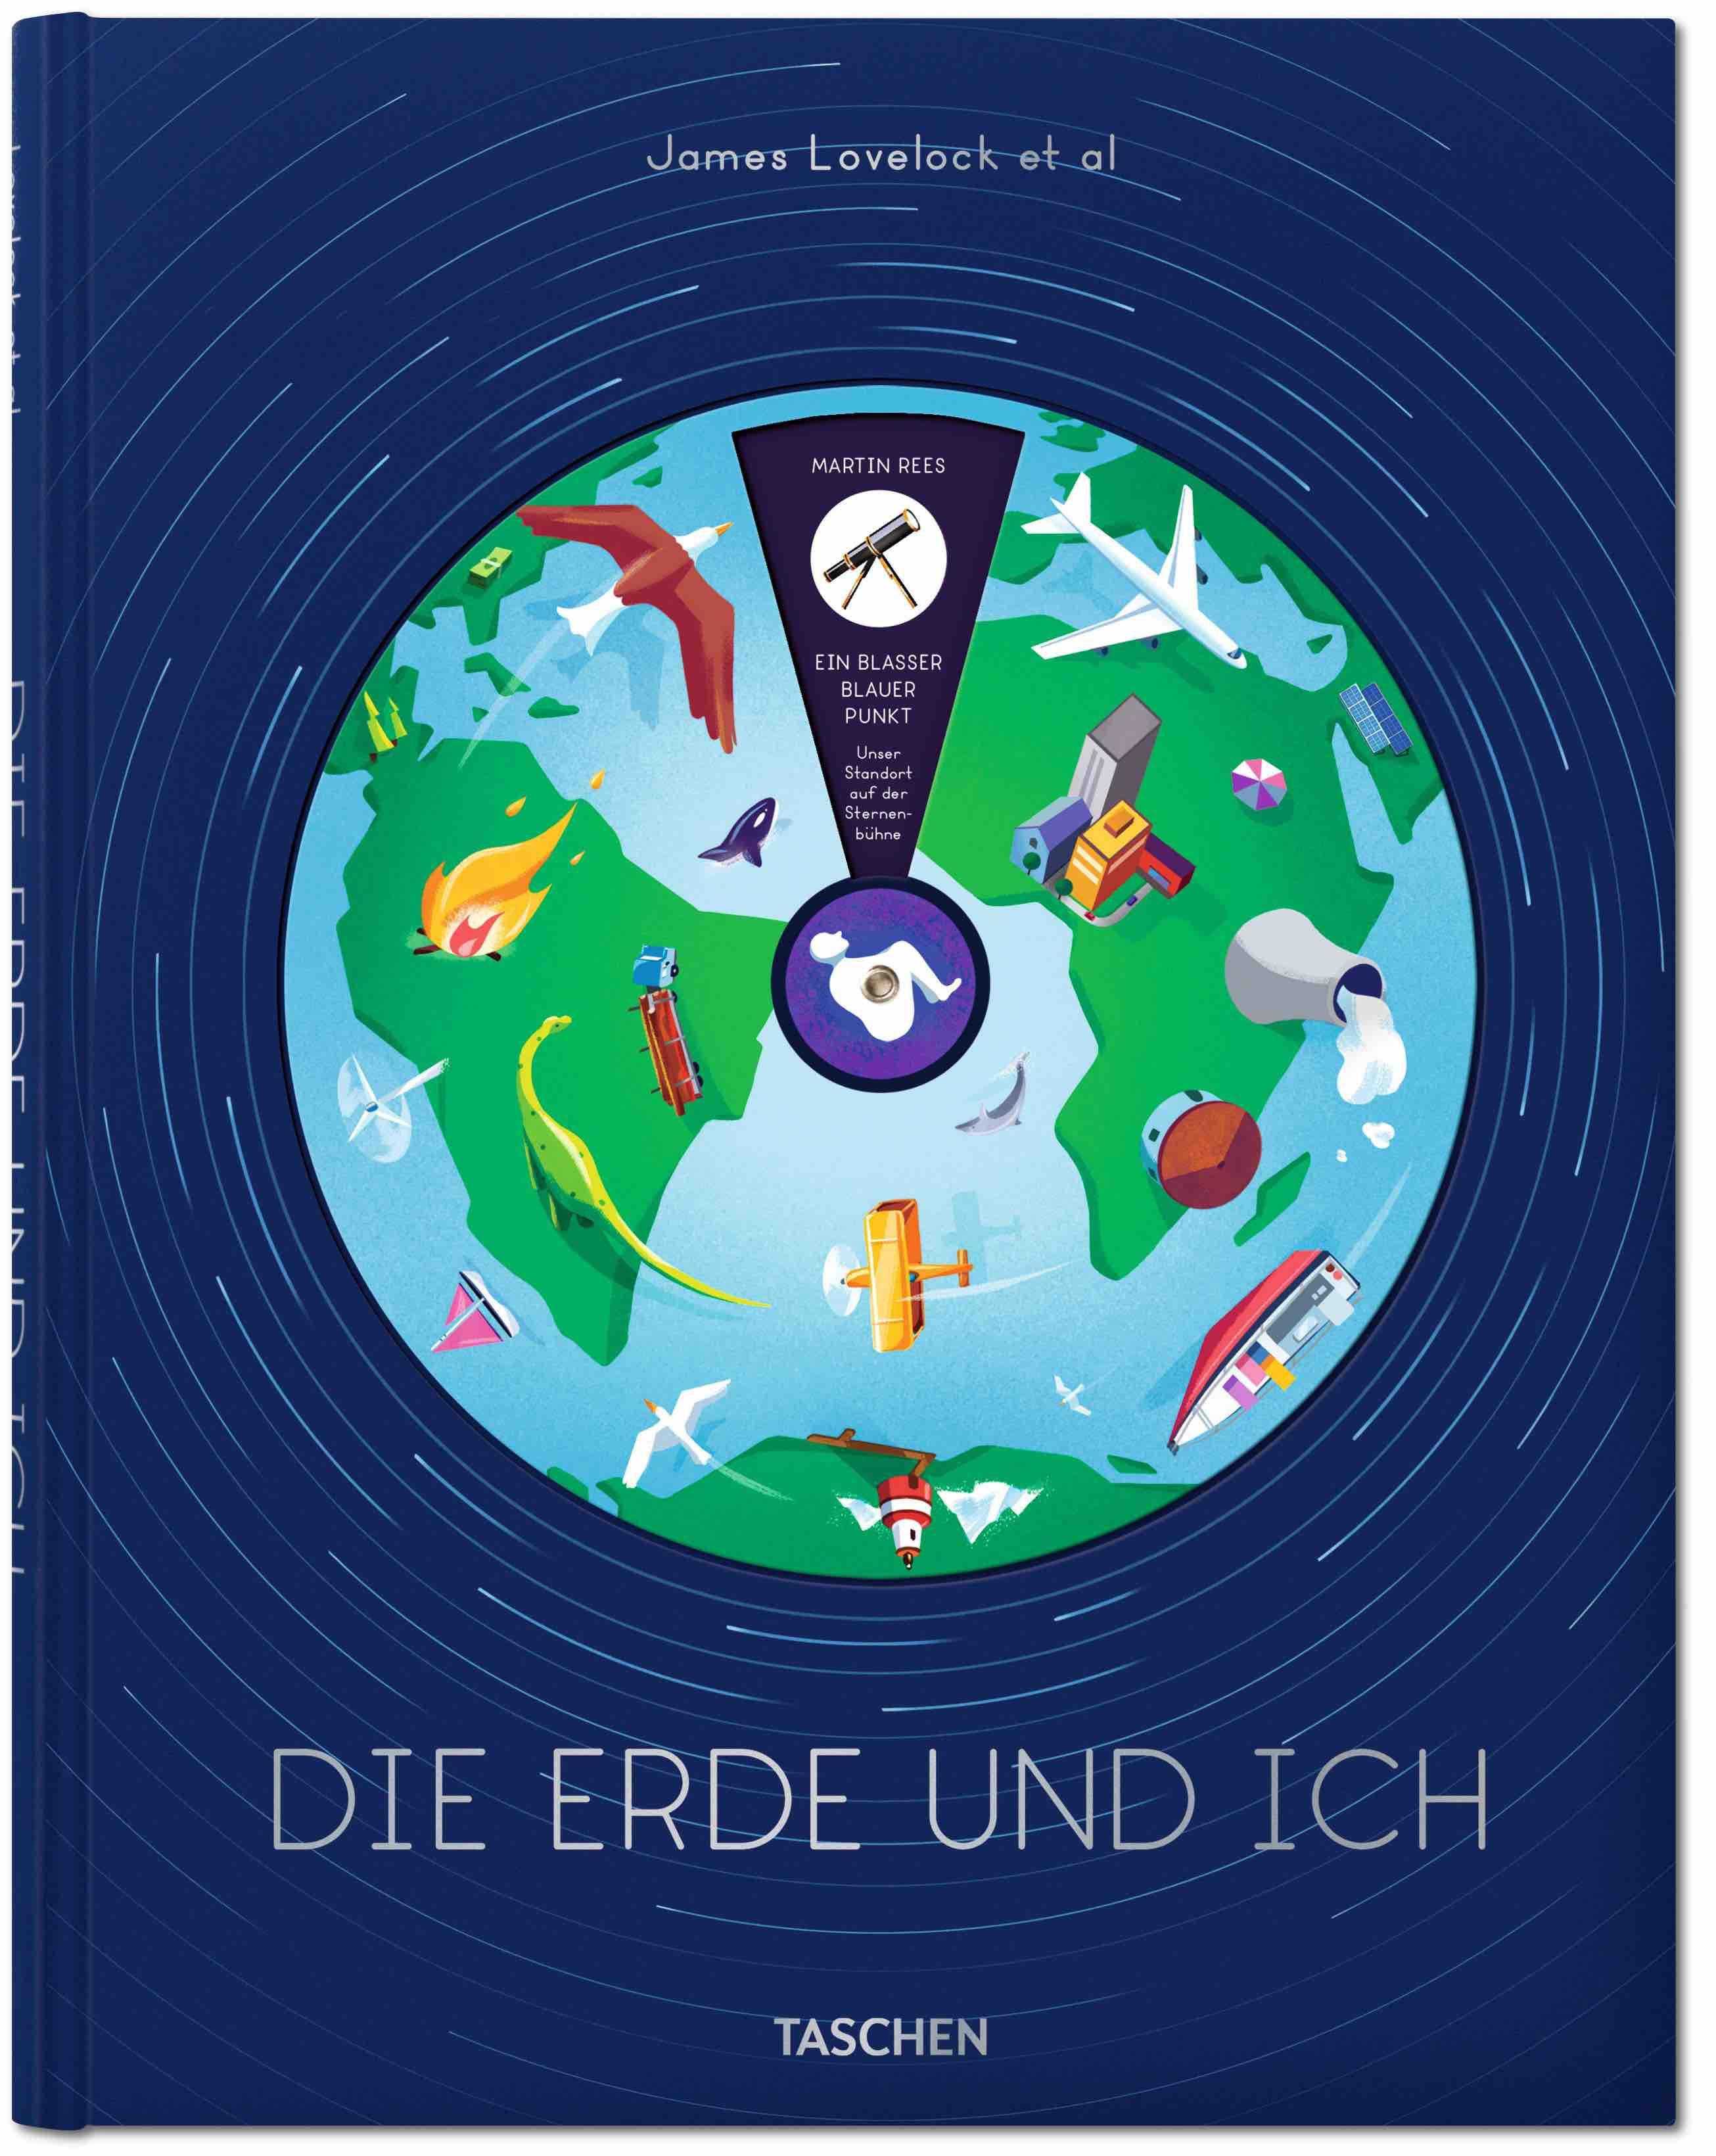 BI_161201_infografische_illustrationen_die-erde-und-ich_ LOVELOCK_cover